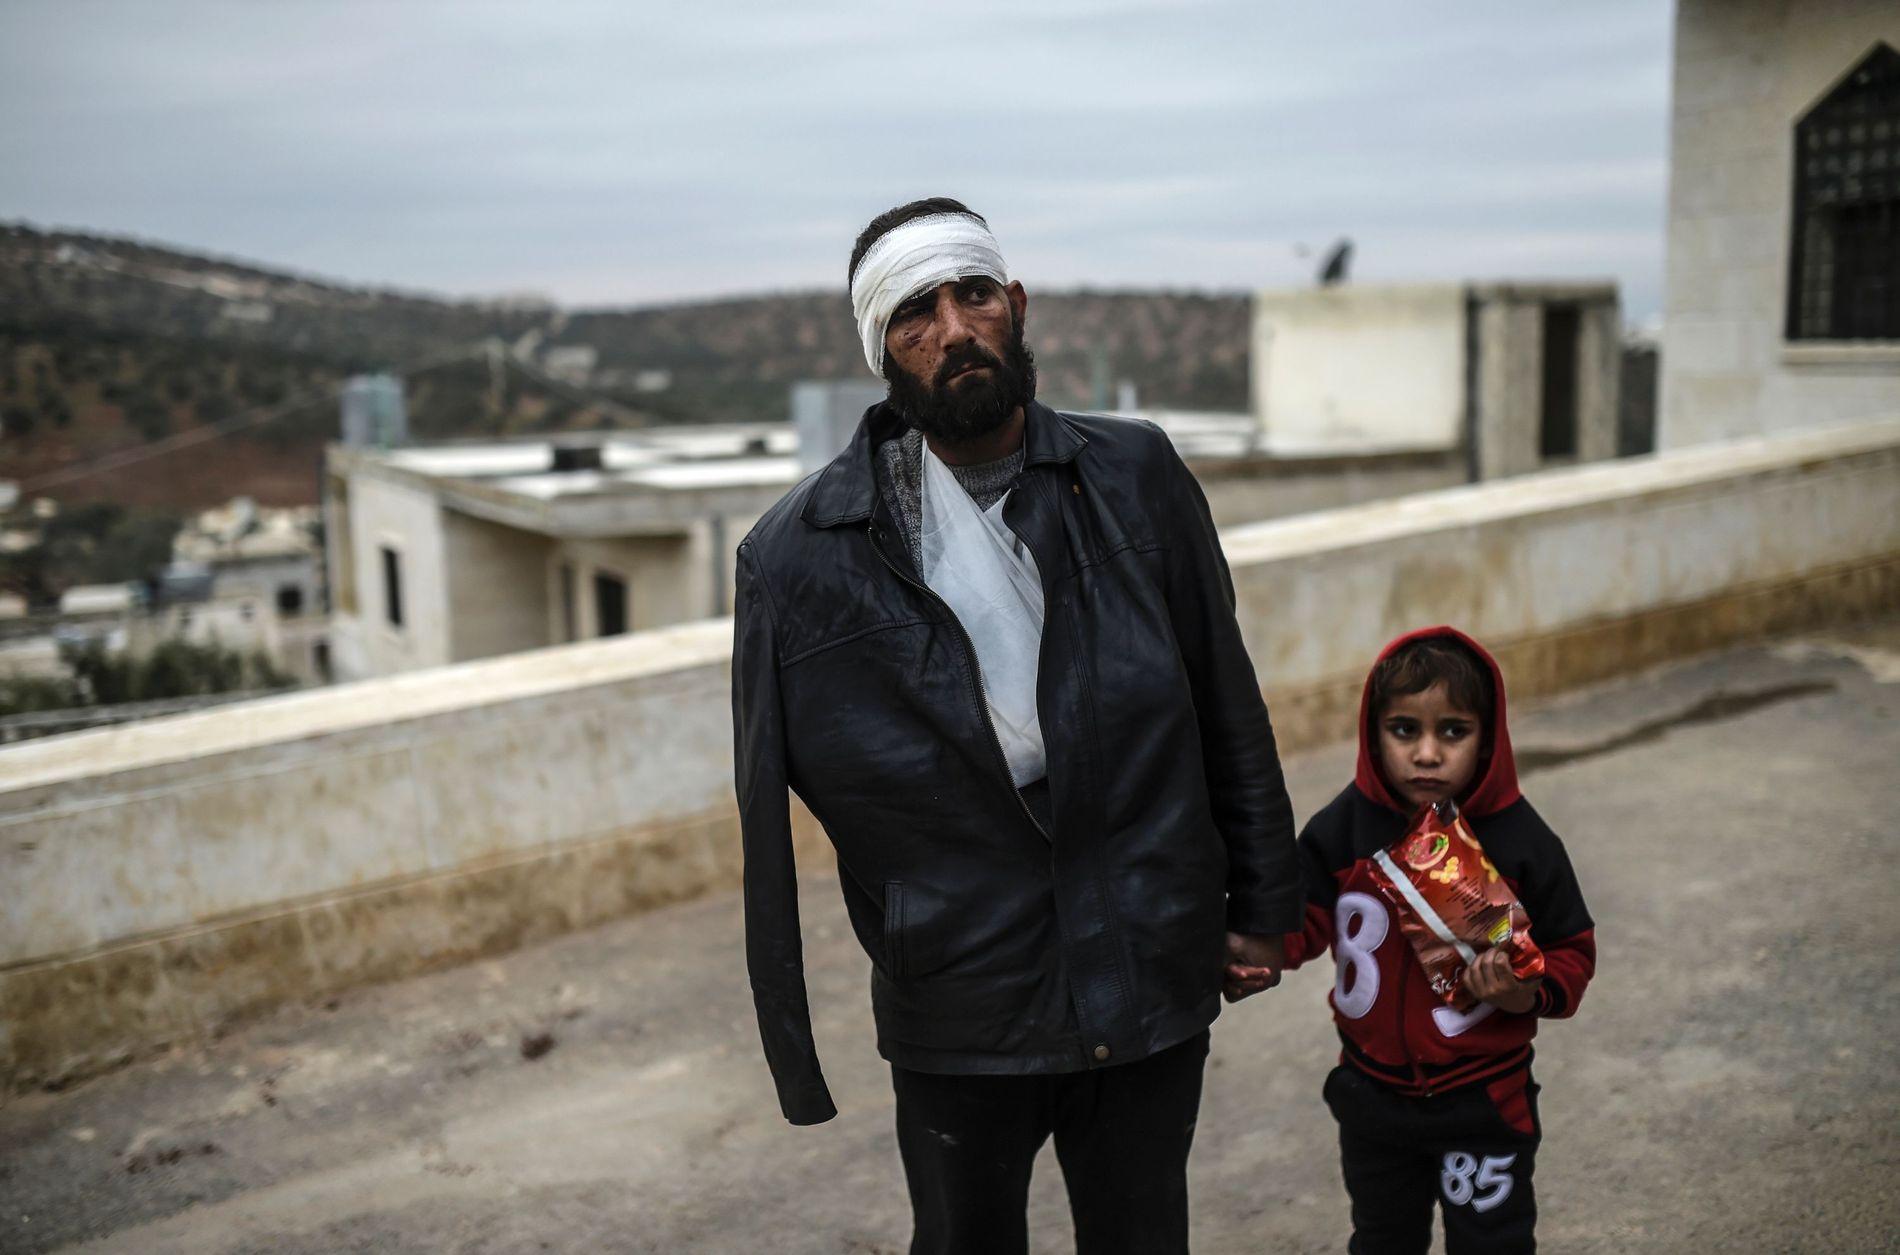 VENTER VED GRENSEN: En skadet mann og sønnen på den syriske siden av grenseovergangen Bab al-Hawa venter på å få legehjelp. Hardt skadete får midlertidig innreise til Tyrkia for medisinsk behandling.